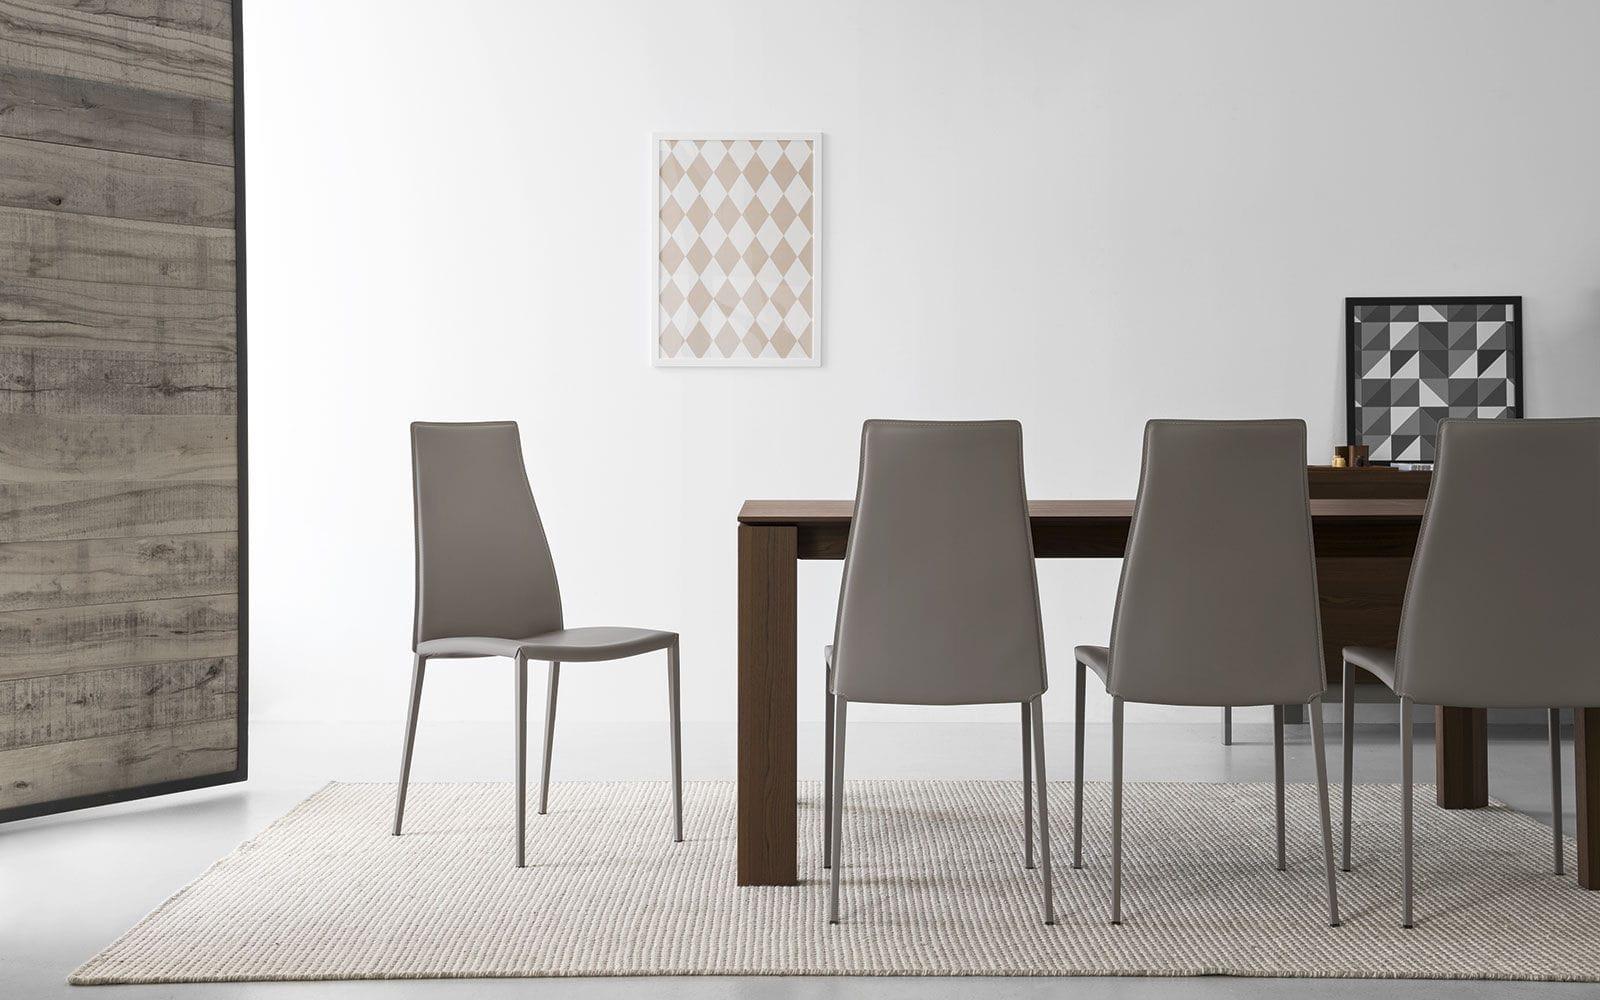 Sedia moderna imbottita con schienale alto in metallo aida